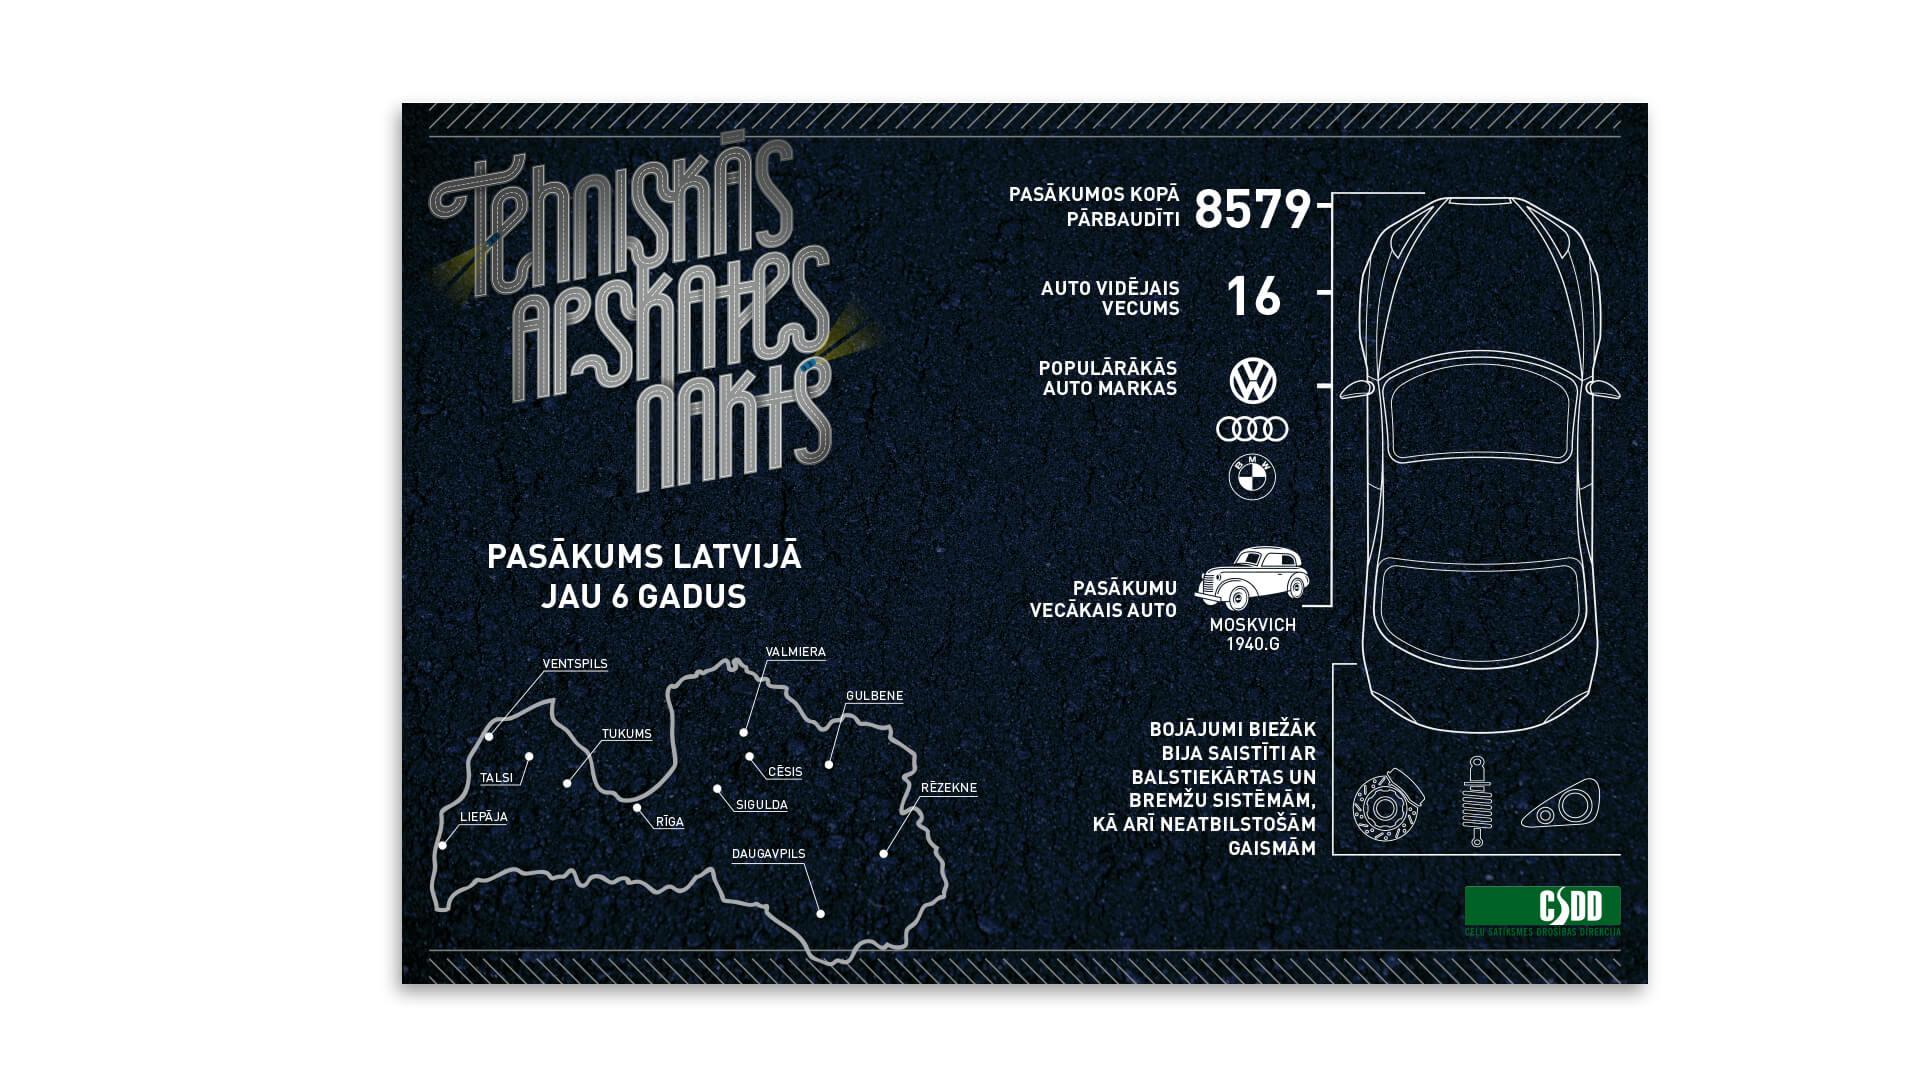 CSDD_Tehniskas_naktis_infografiks_1920x1080